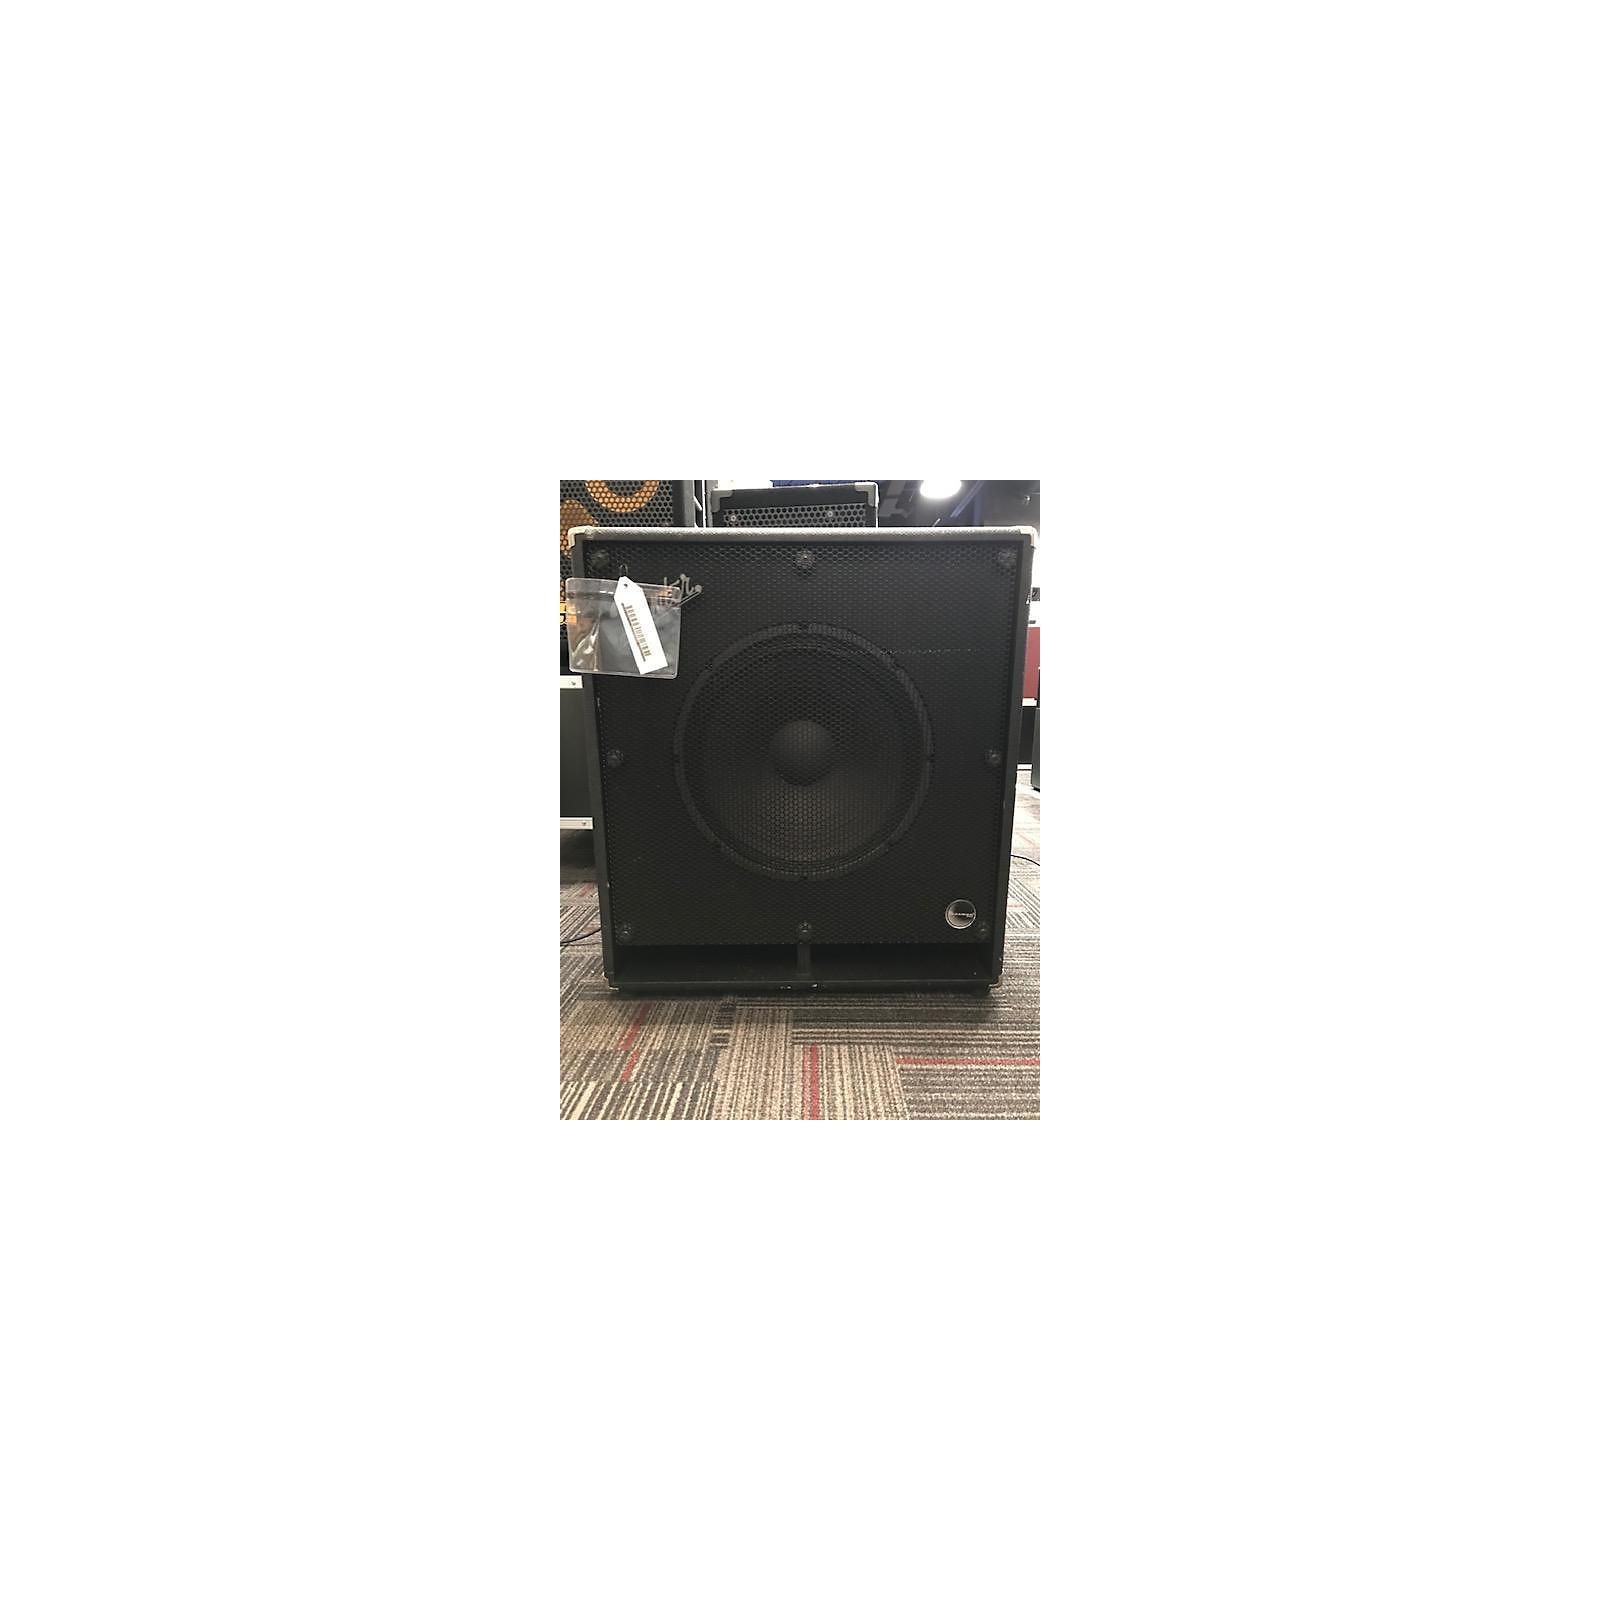 Fender Bassman Pro 115 1x15 Bass Cabinet